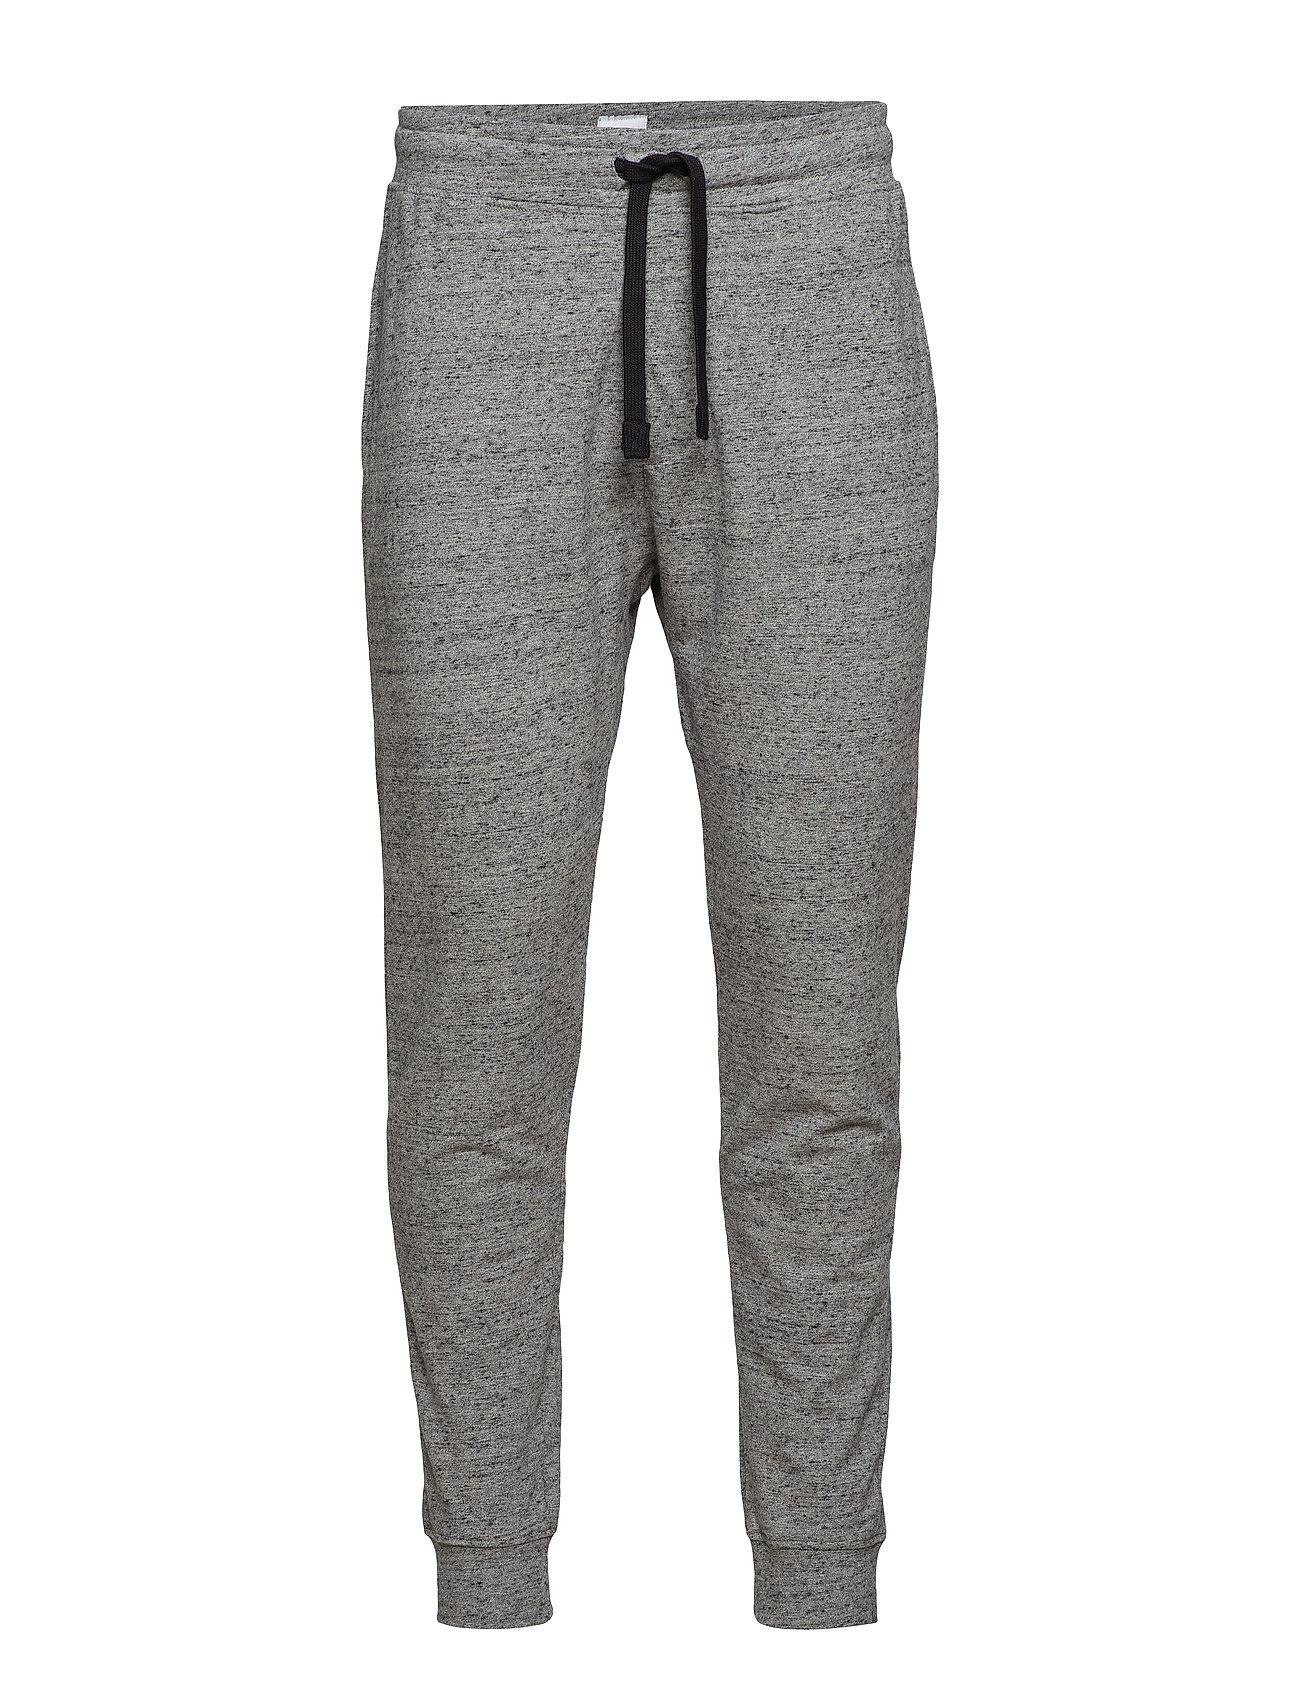 JBS of Denmark JBS of Denmark, sweat pants - GREY MELAN